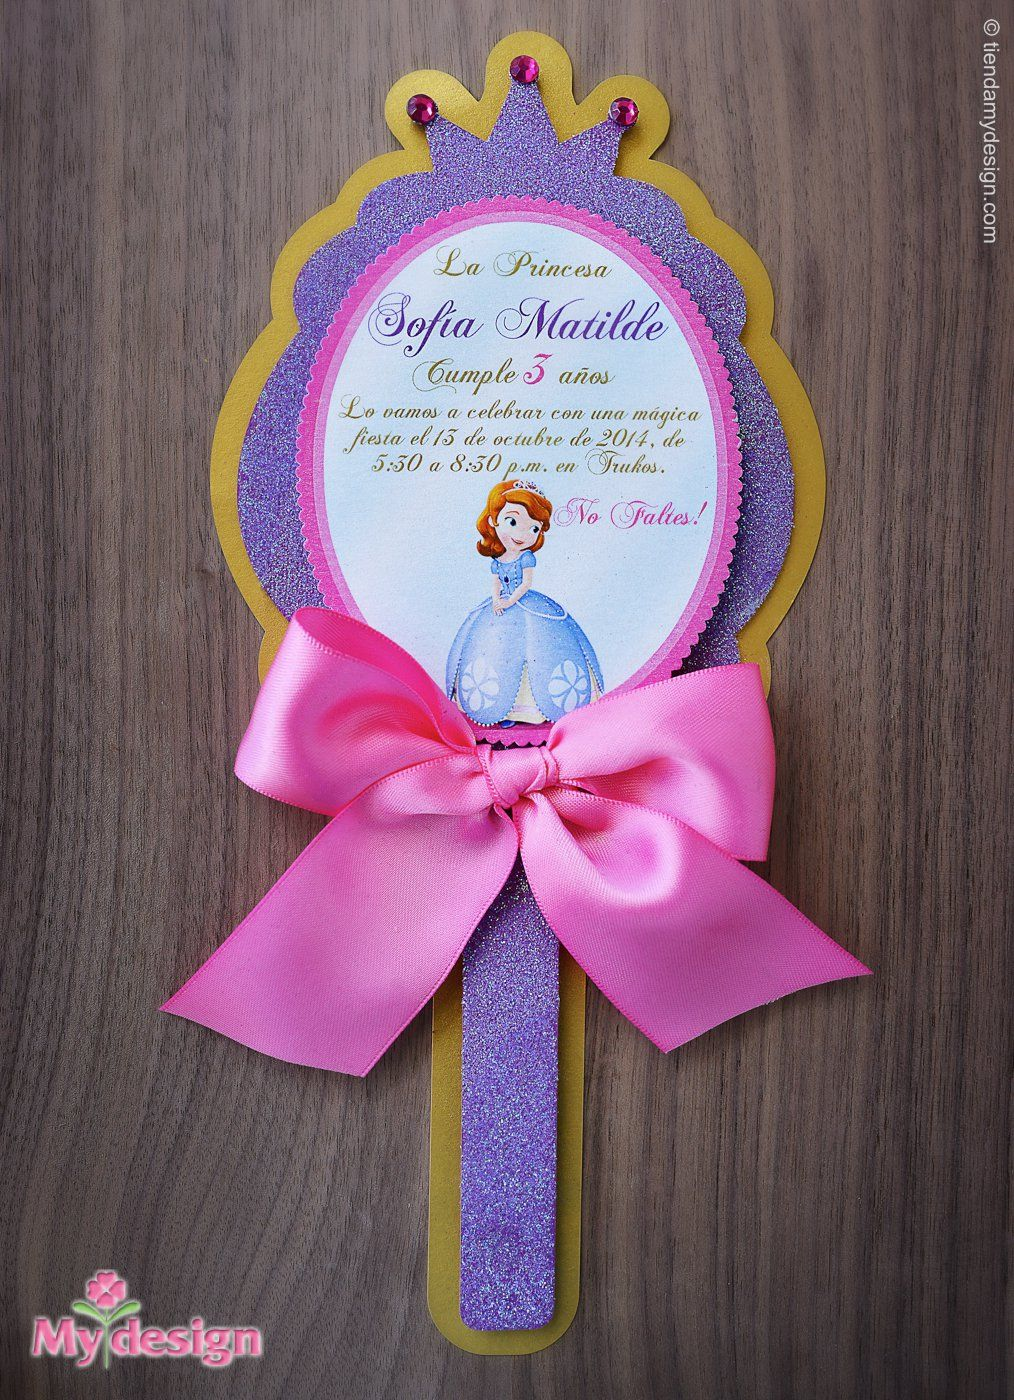 Pin de Kelly Carrillo en Ideas para fiestas infantiles Espejo de princesa, Invitaciones de